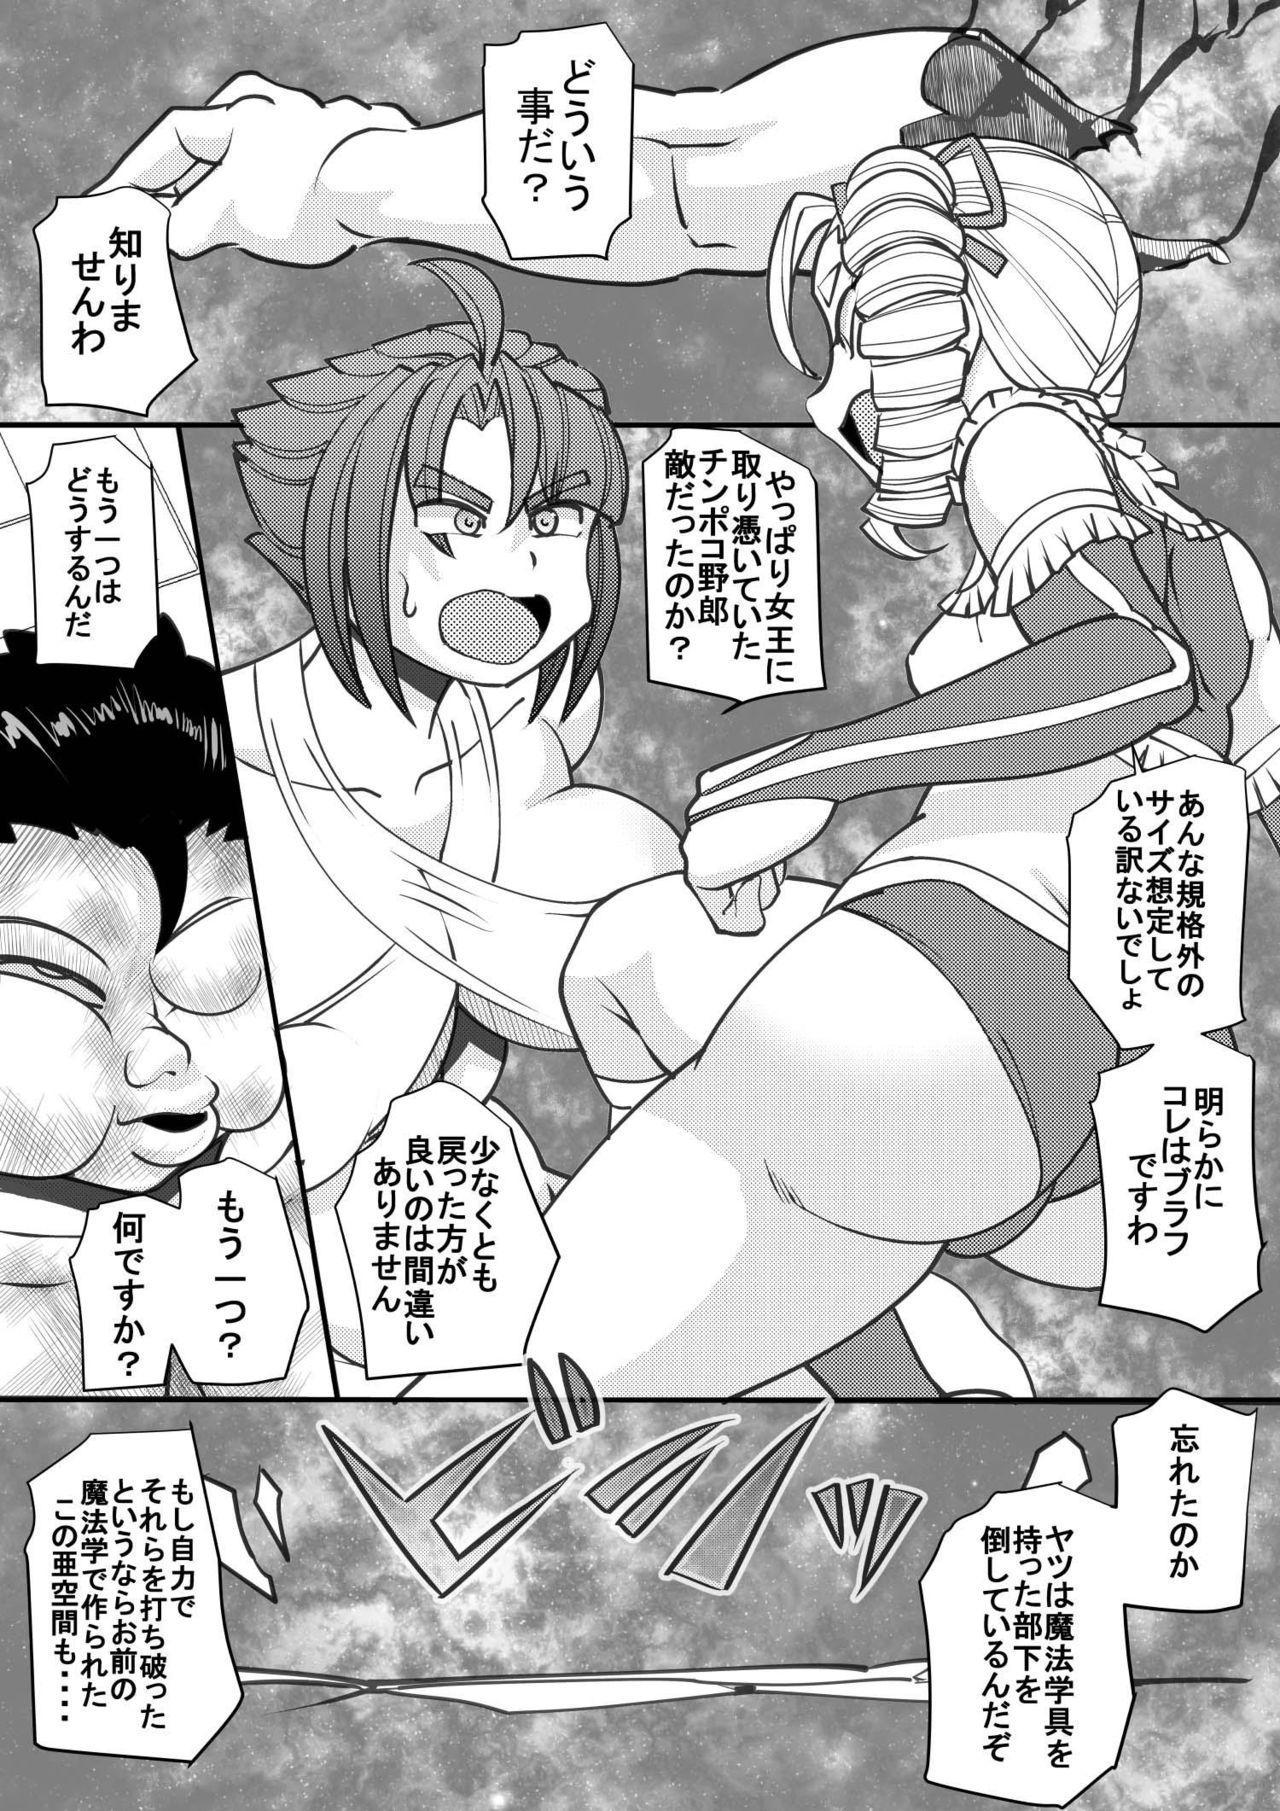 Uchi no Joseito Zenin Haramaseta Kedamono ga Anta no Gakuen ni Iku Rashii yo? 27 7